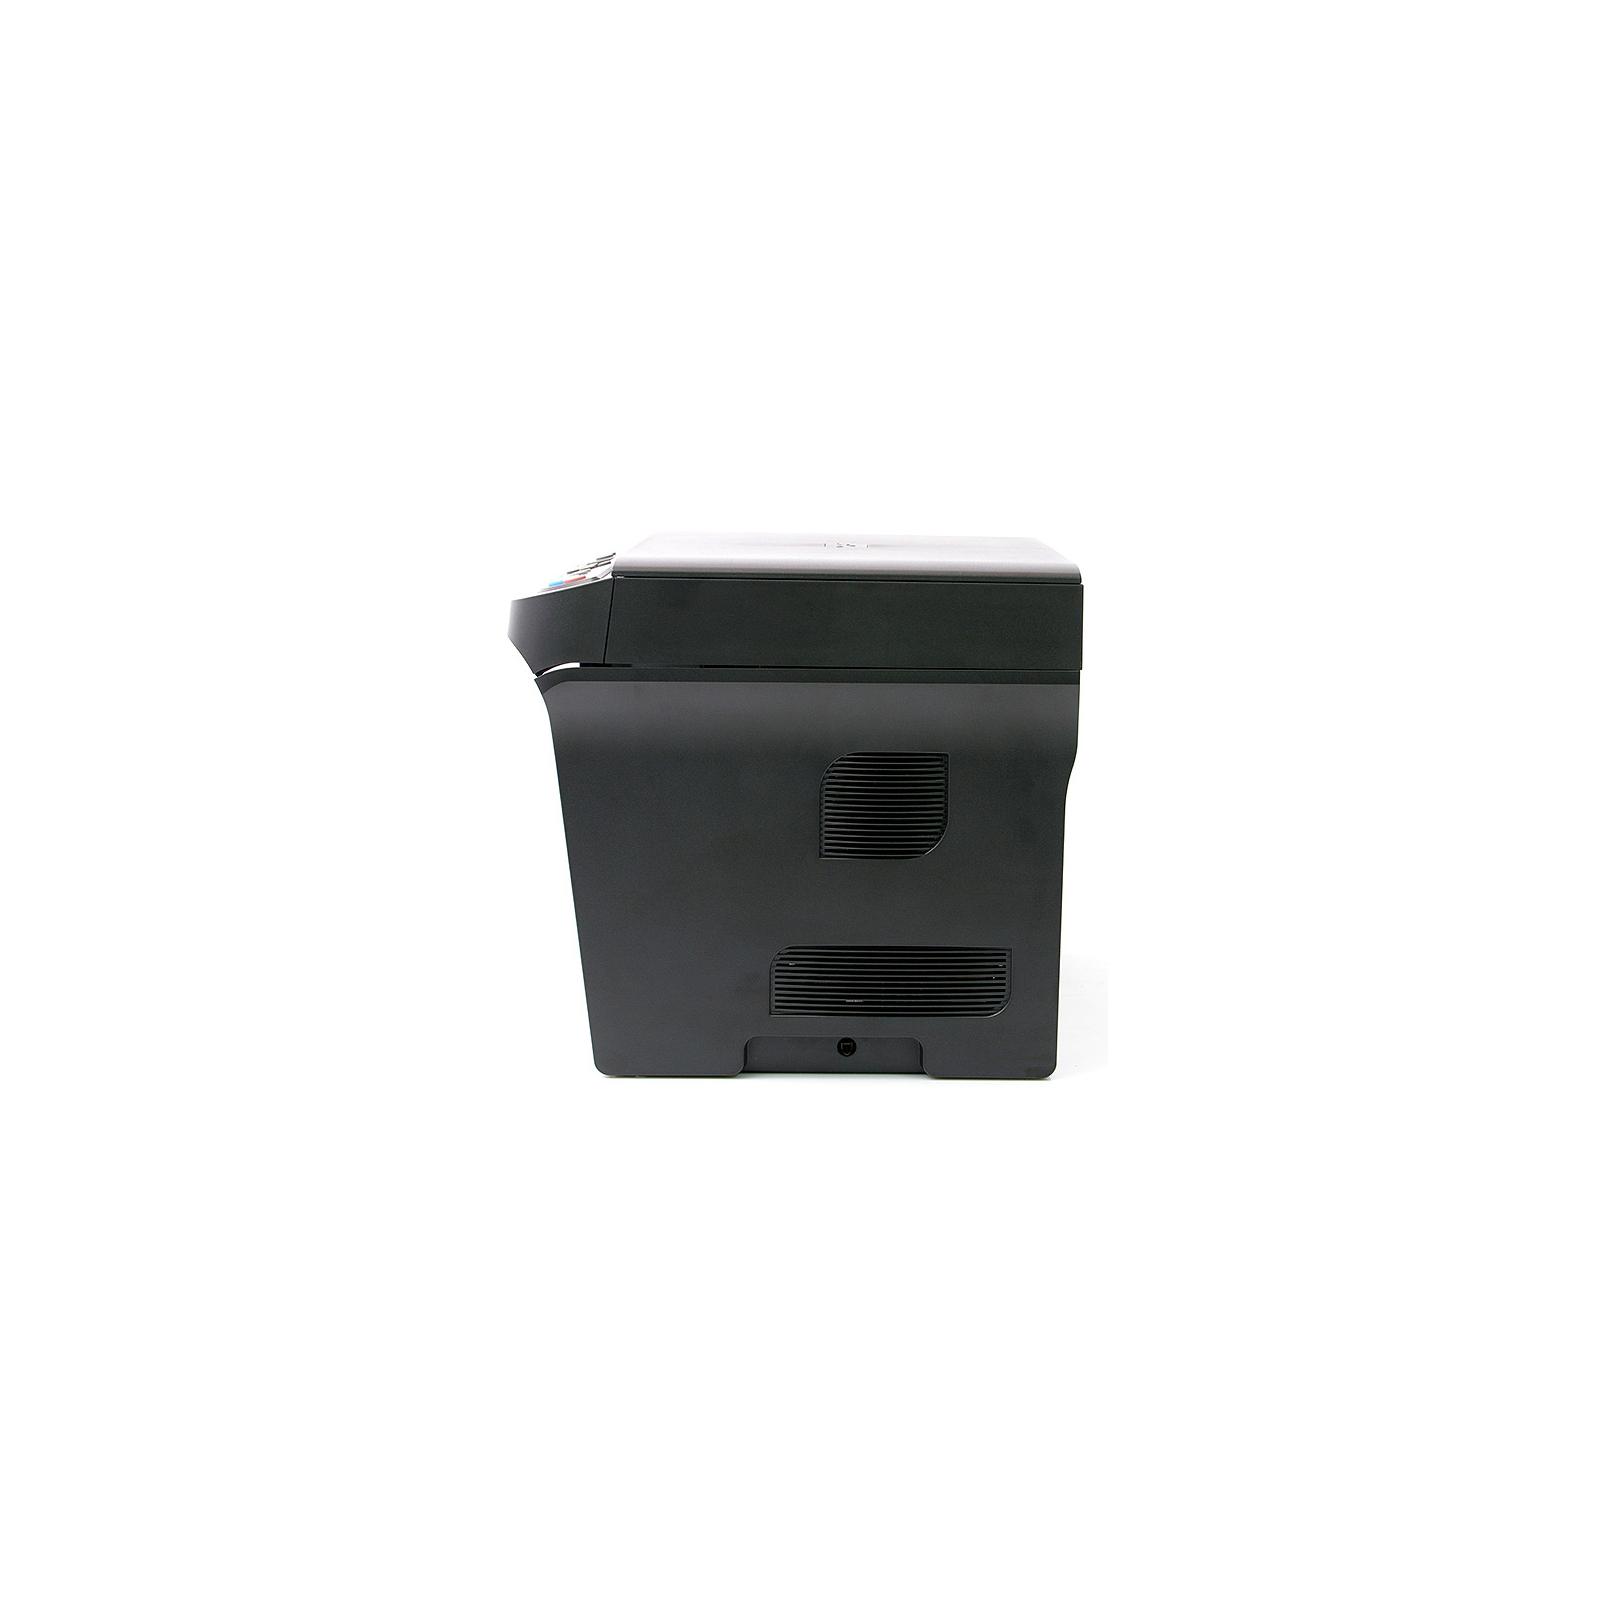 Многофункциональное устройство Pantum M6005 изображение 4